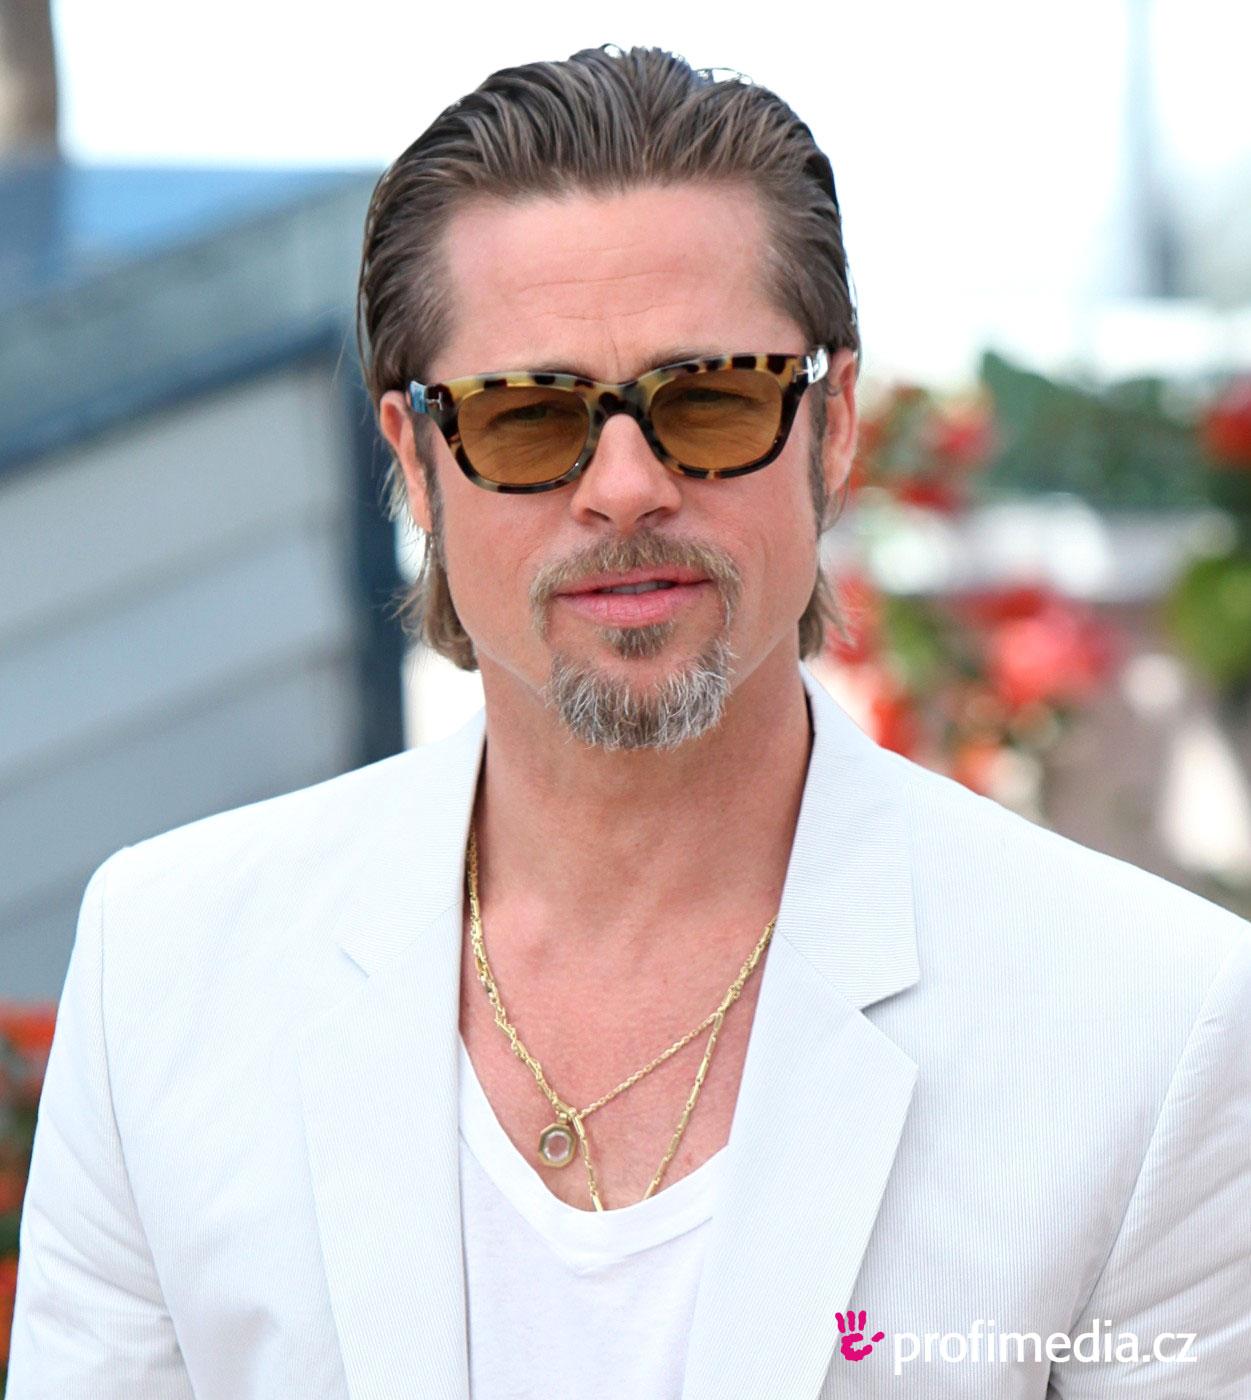 Brad Pitt Frisur Zum Ausprobieren In EFrisuren